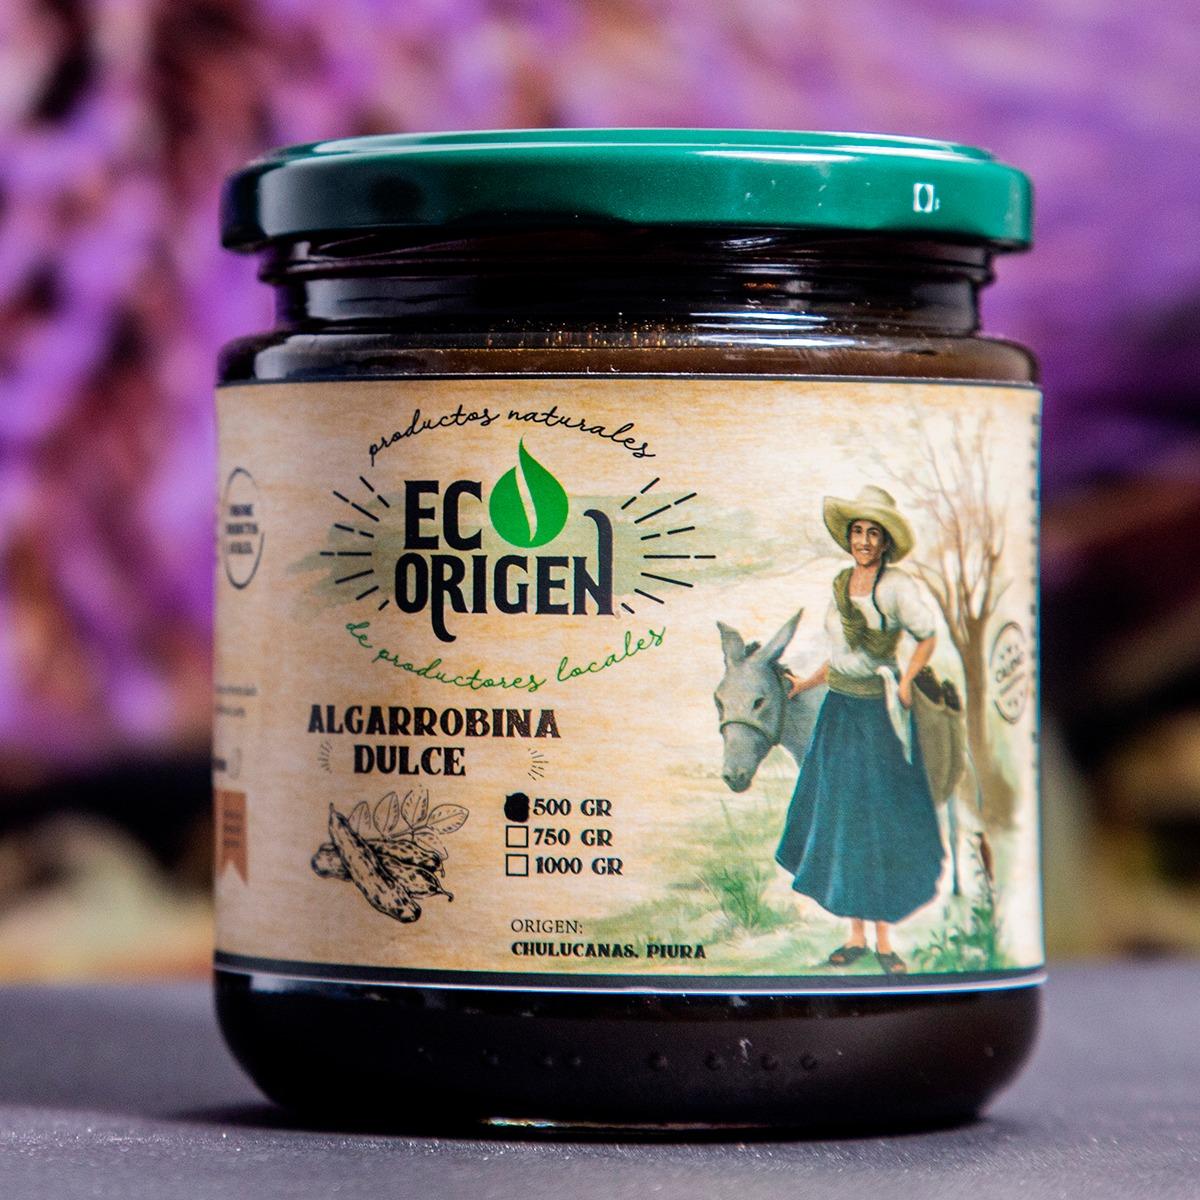 Algarrobina Dulce Eco Origen x 500 gr. Foto